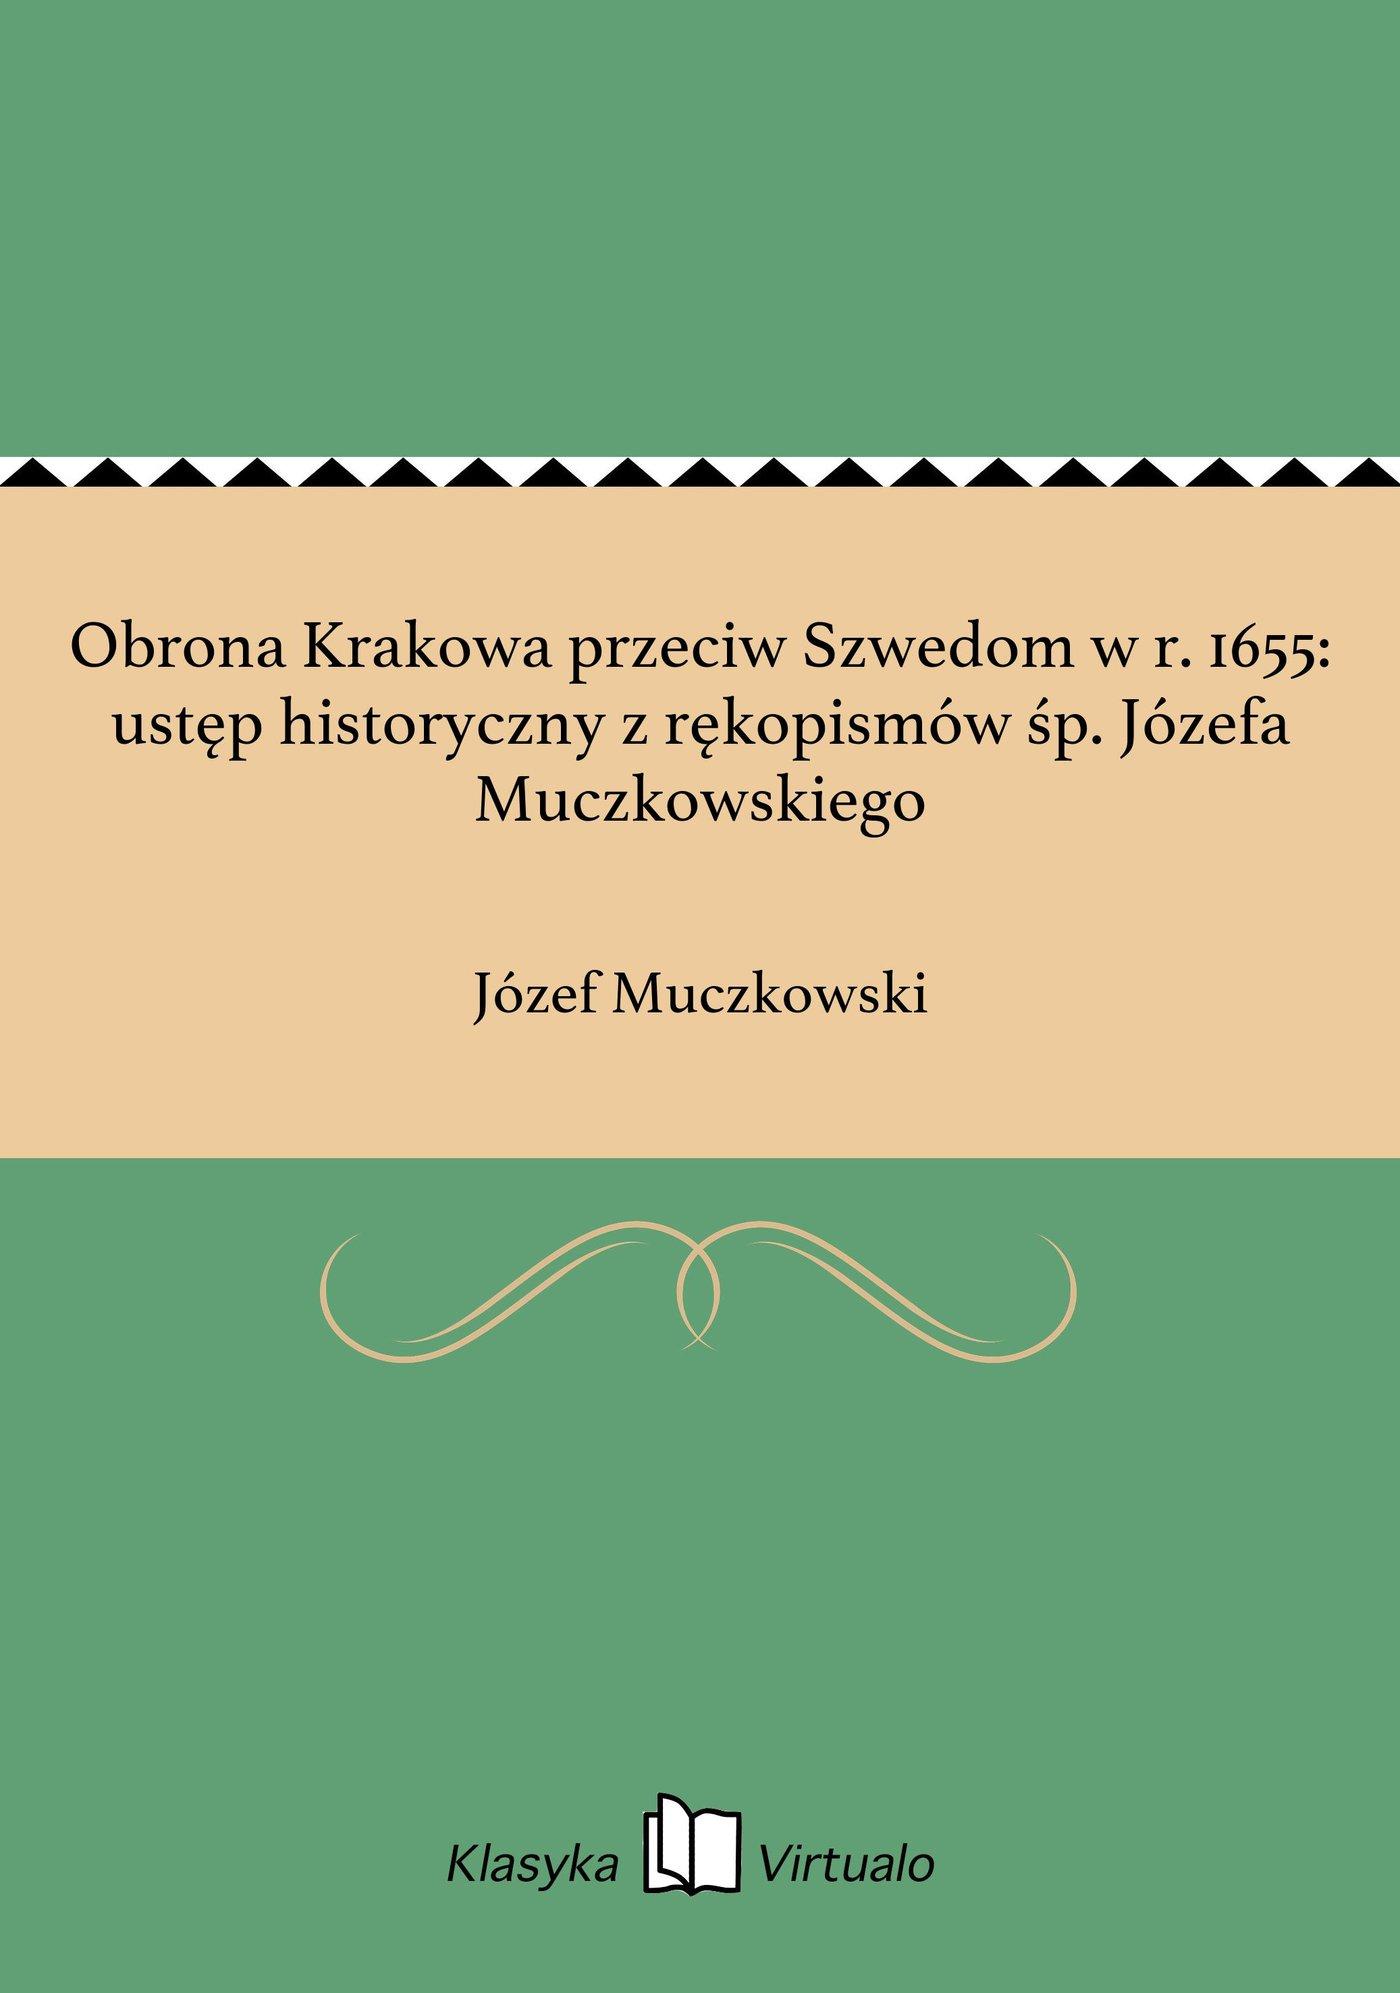 Obrona Krakowa przeciw Szwedom w r. 1655: ustęp historyczny z rękopismów śp. Józefa Muczkowskiego - Ebook (Książka EPUB) do pobrania w formacie EPUB